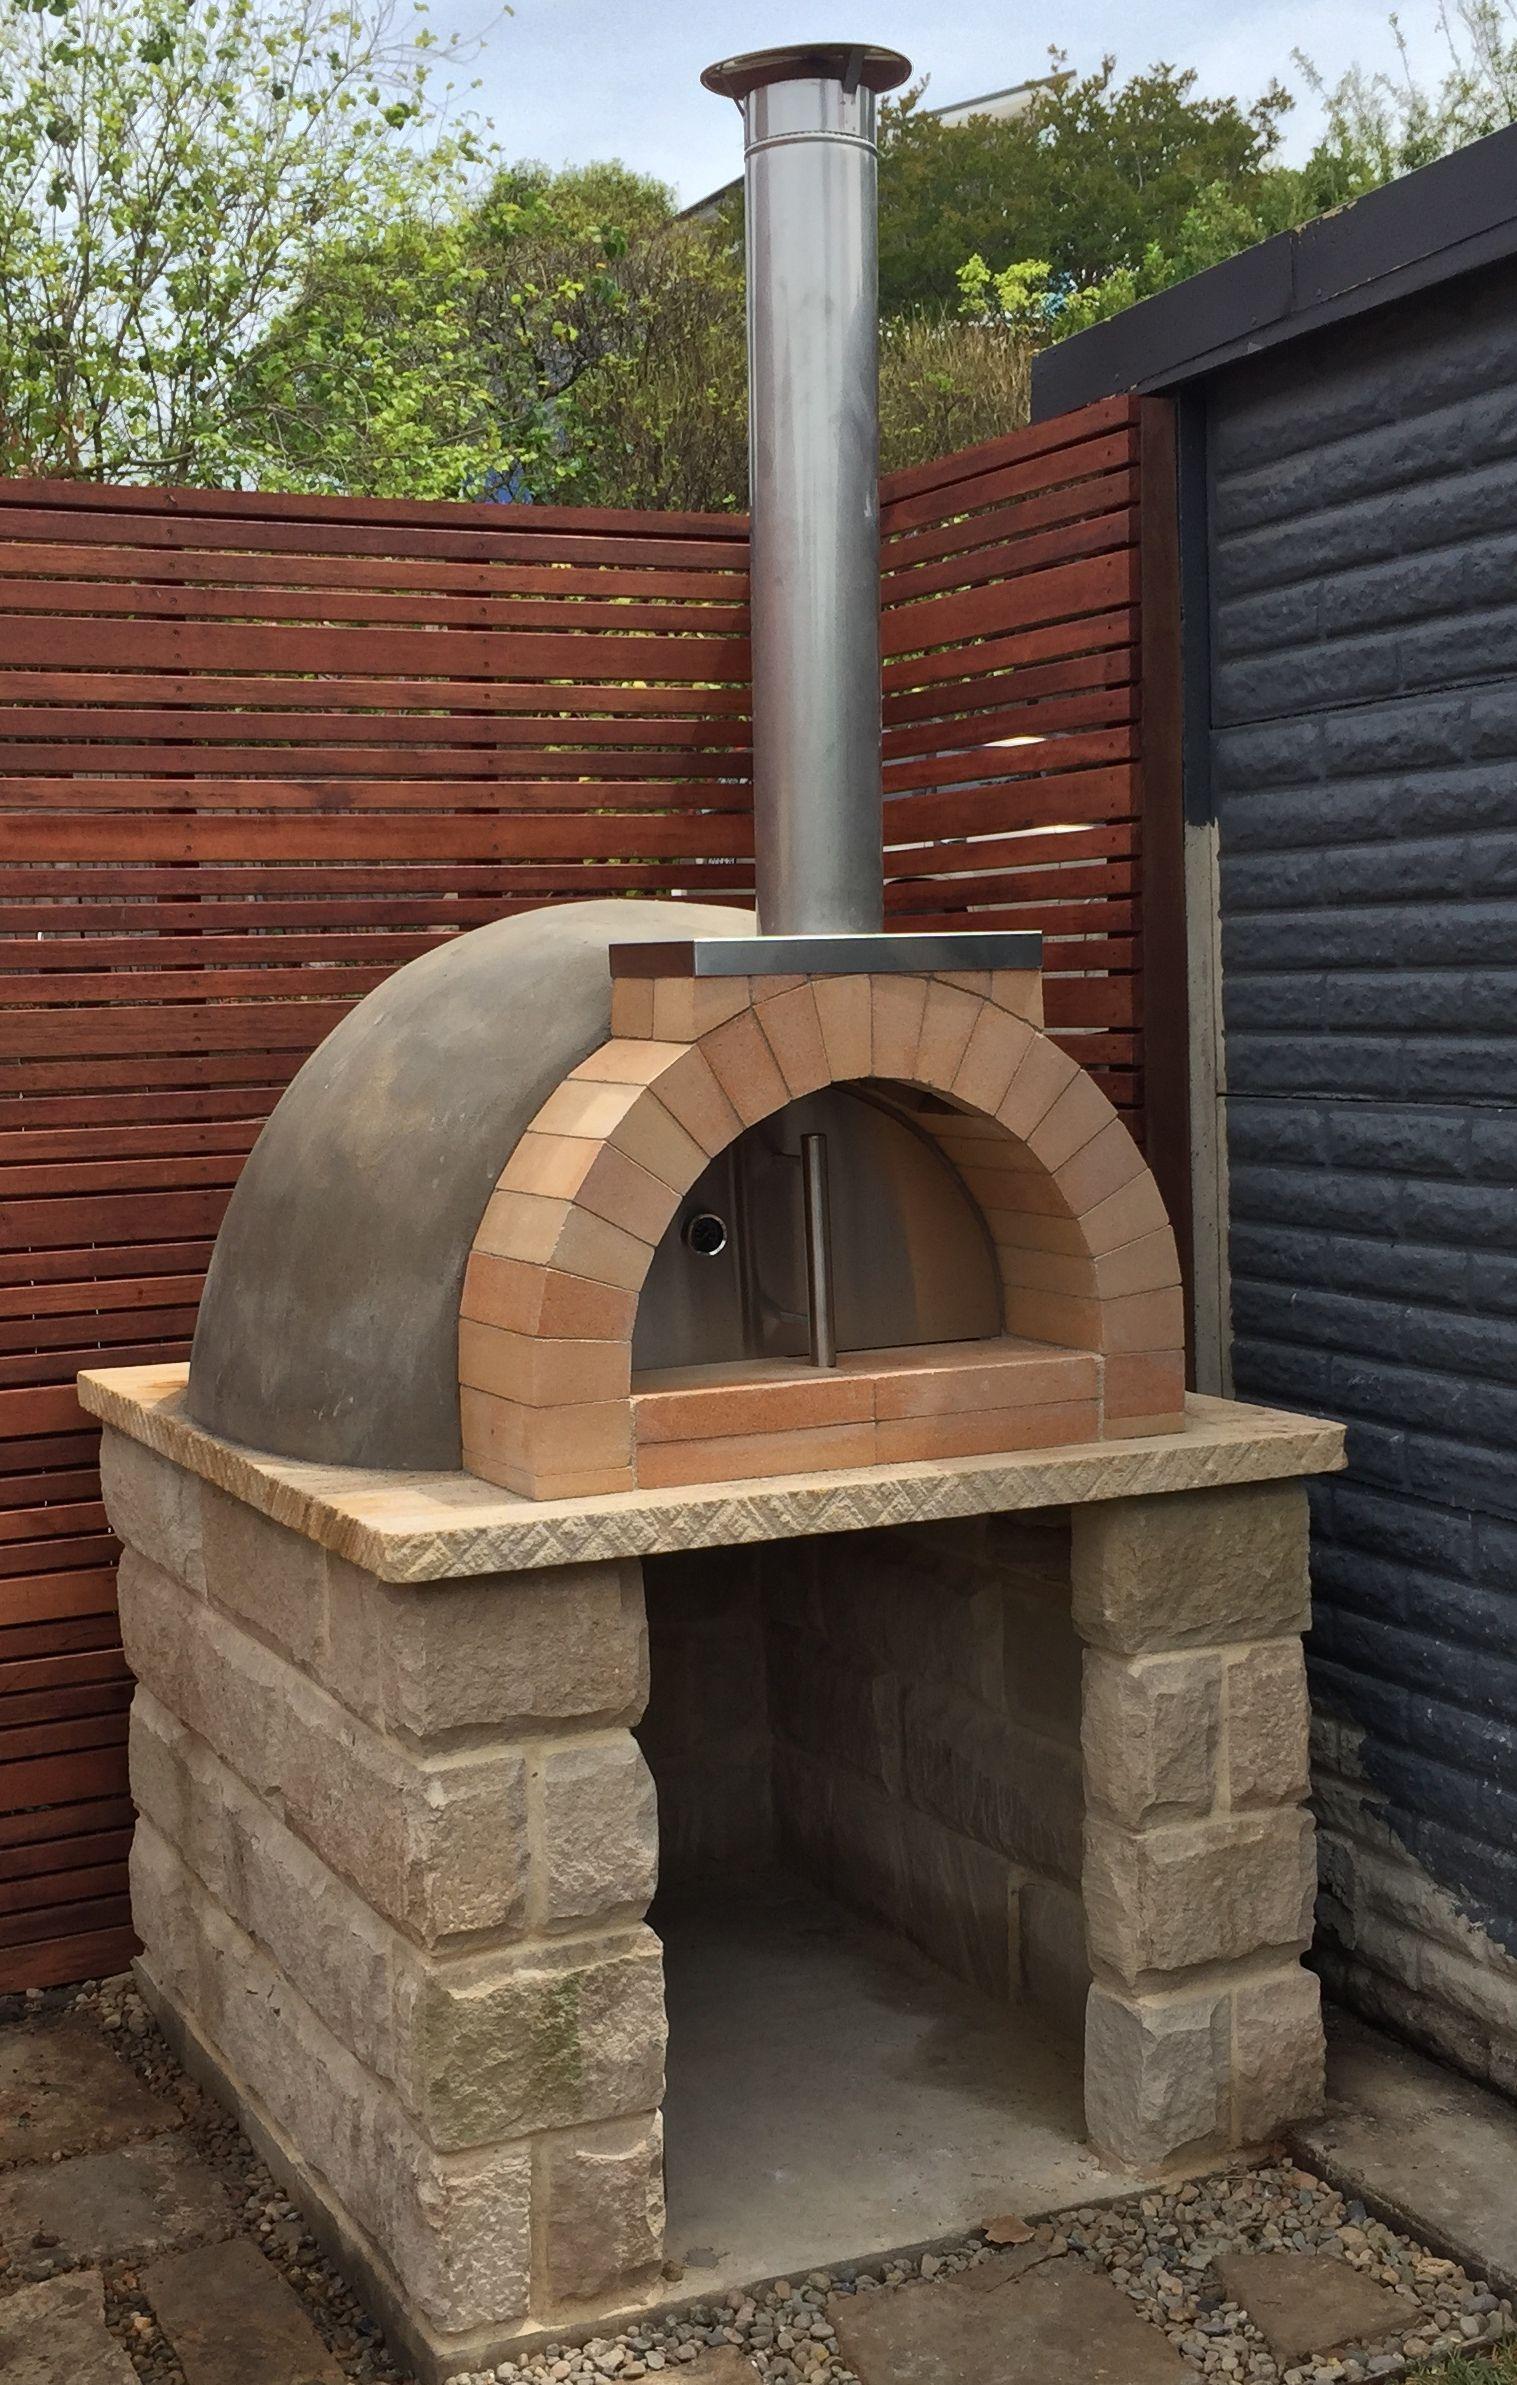 diy pizza oven kit usa